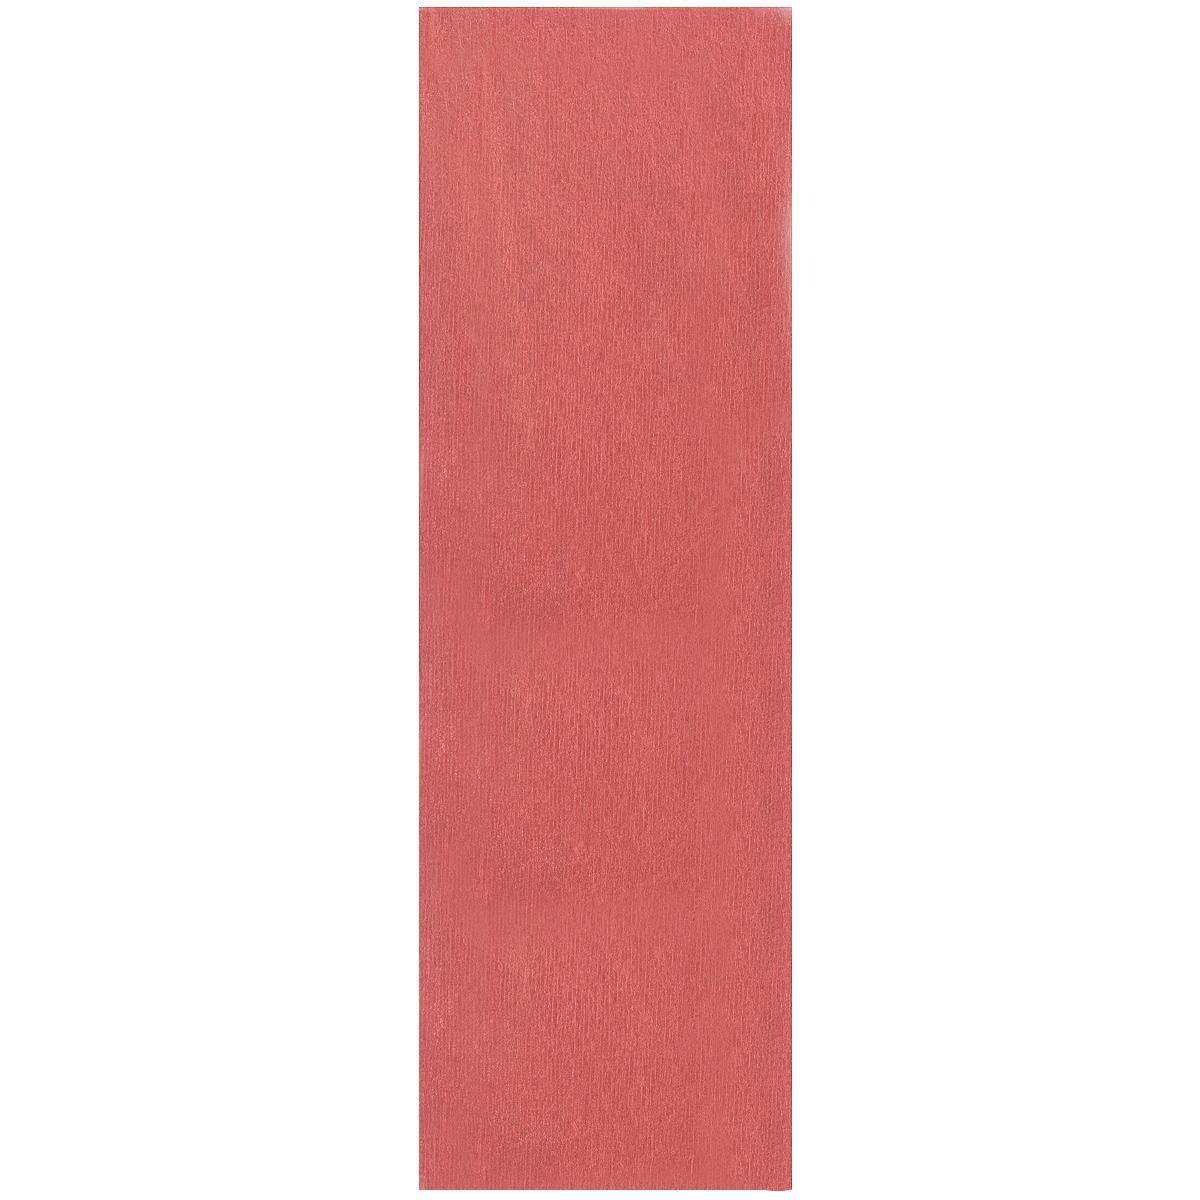 Бумага крепированная Проф-Пресс, металлизированная, цвет: красный, 50 см х 250 смБ-2304Крепированная металлизированная бумага Проф-Пресс - отличный вариант для воплощения творческих идей не только детей, но и взрослых. Она отлично подойдет для упаковки хрупких изделий, при оформлении букетов, создании сложных цветовых композиций, для декорирования и других оформительских работ. Бумага обладает повышенной прочностью и жесткостью, хорошо растягивается, имеет жатую поверхность. Кроме того, металлизированная бумага Проф-Пресс поможет увлечь ребенка, развивая интерес к художественному творчеству, эстетический вкус и восприятие, увеличивая желание делать подарки своими руками, воспитывая самостоятельность и аккуратность в работе. Такая бумага поможет вашему ребенку раскрыть свои таланты.